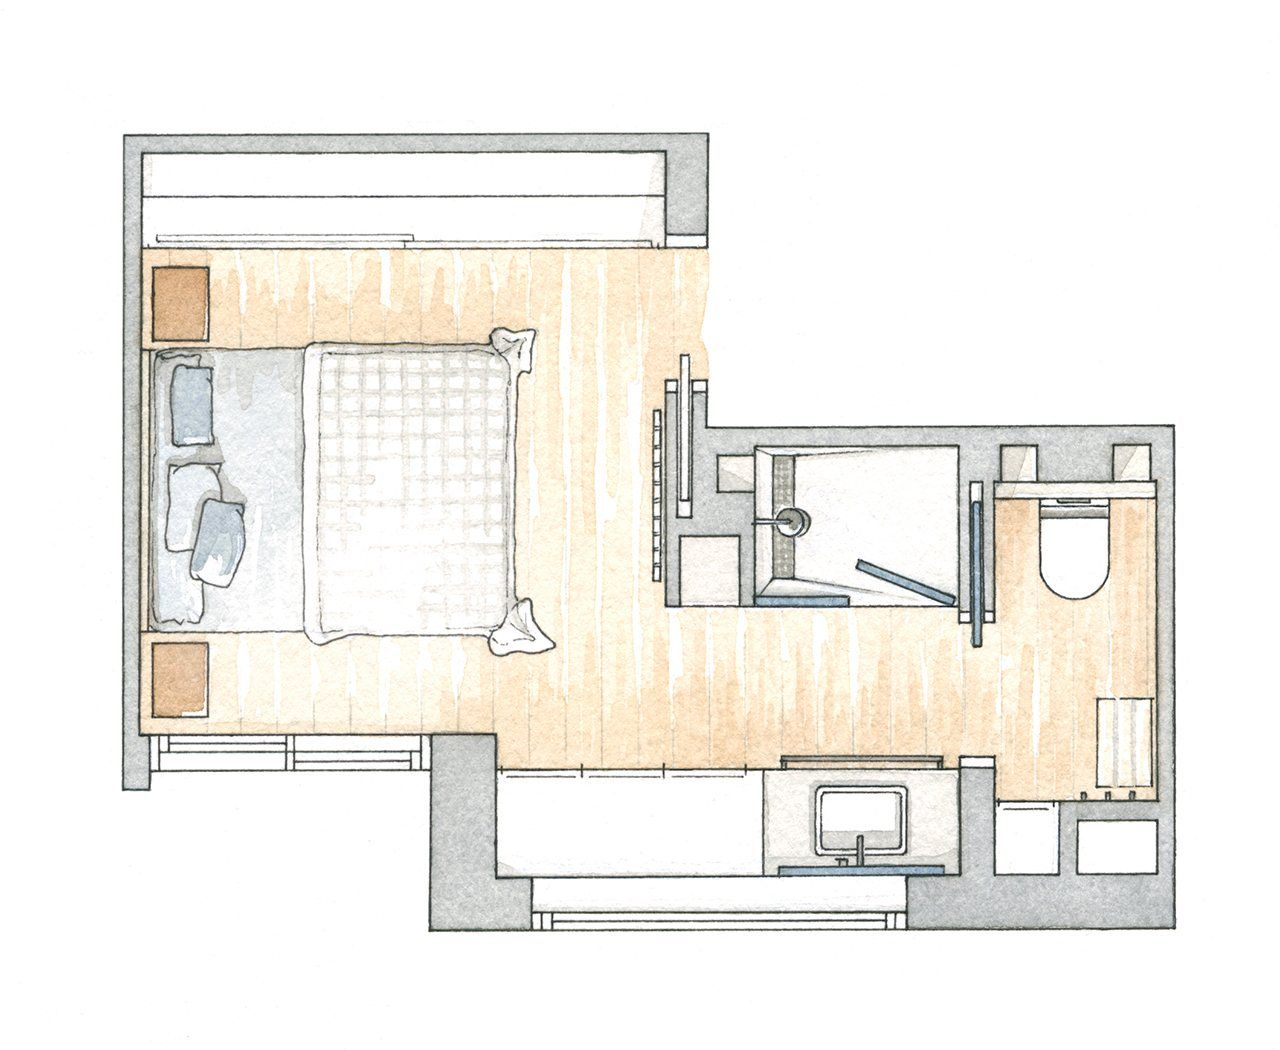 Una reforma 10 de desv n a suite con ba o y vestidor - Reformas de cocinas y banos ...